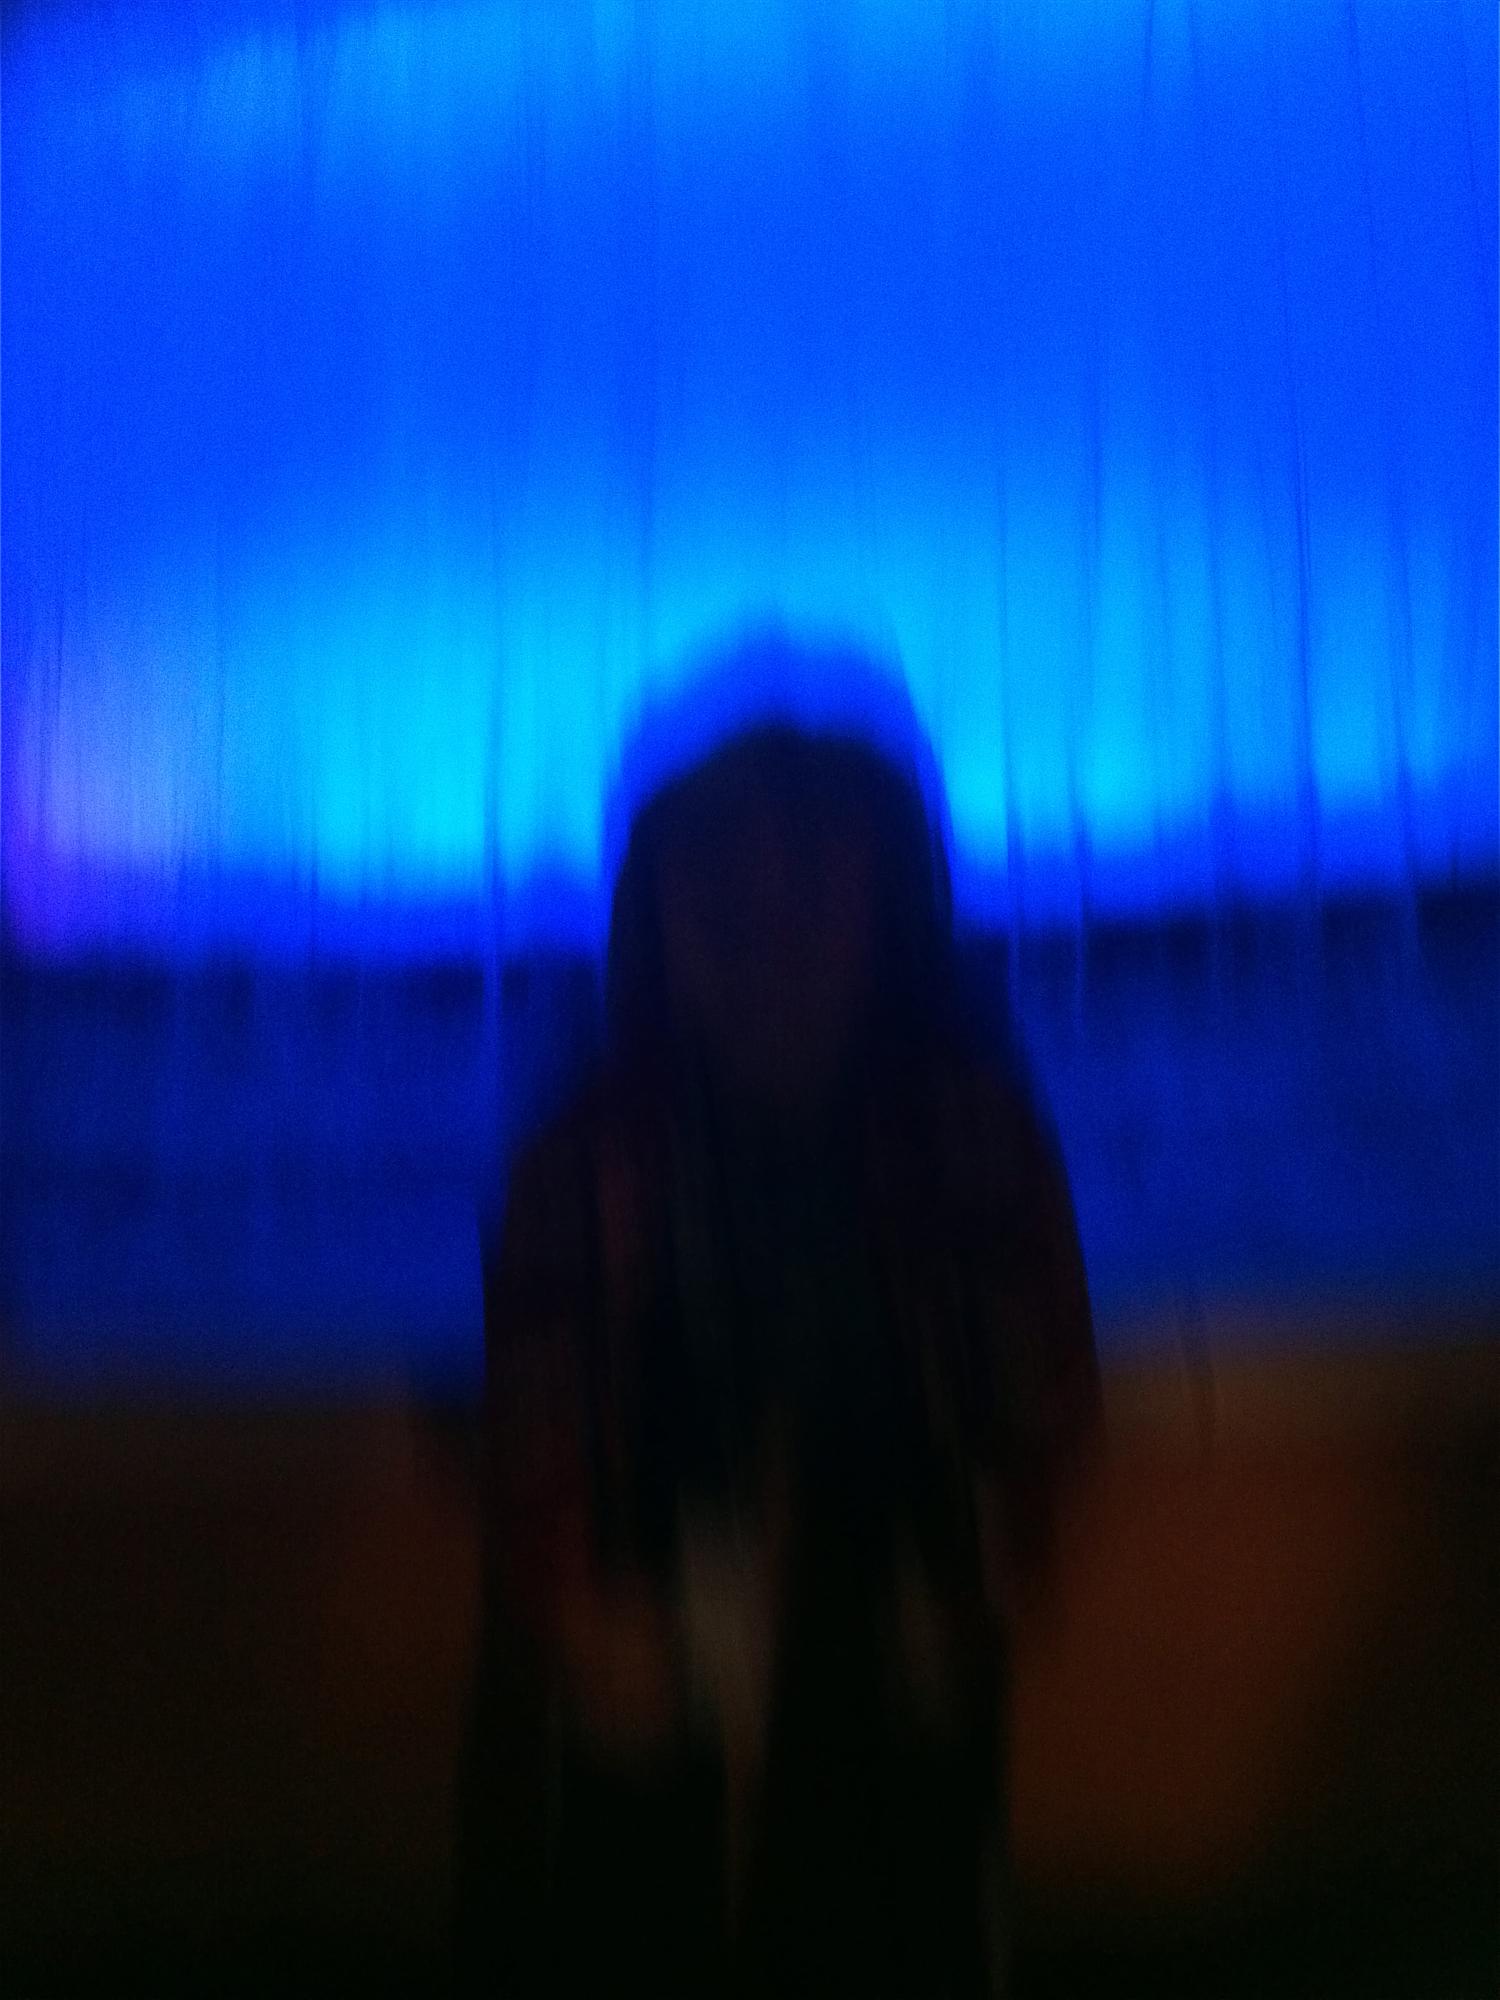 ghost photos - 6.jpg